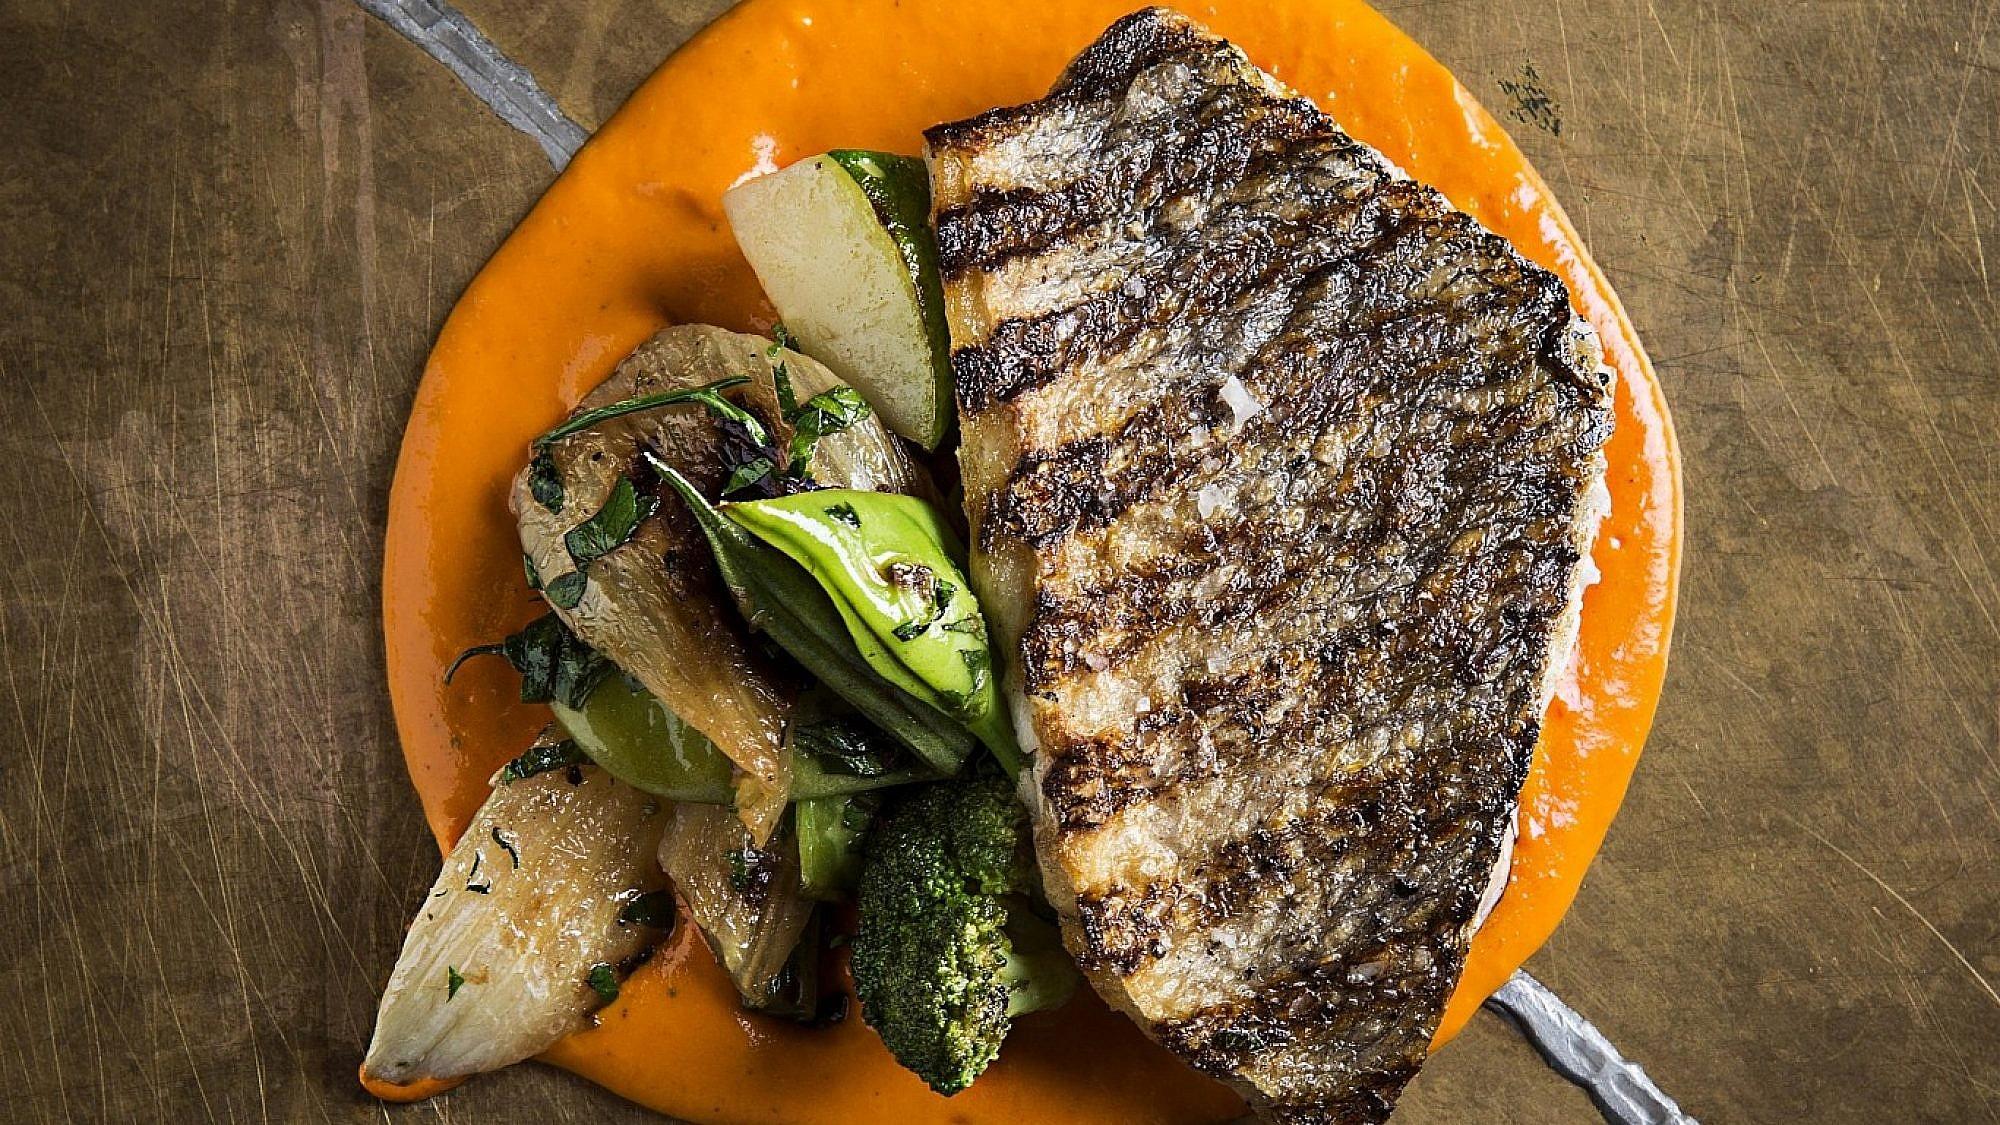 פילה דניס על ירקות ירוקים ורוטב רומסקו של שף אבי כהן. צילום: בן יוסטר